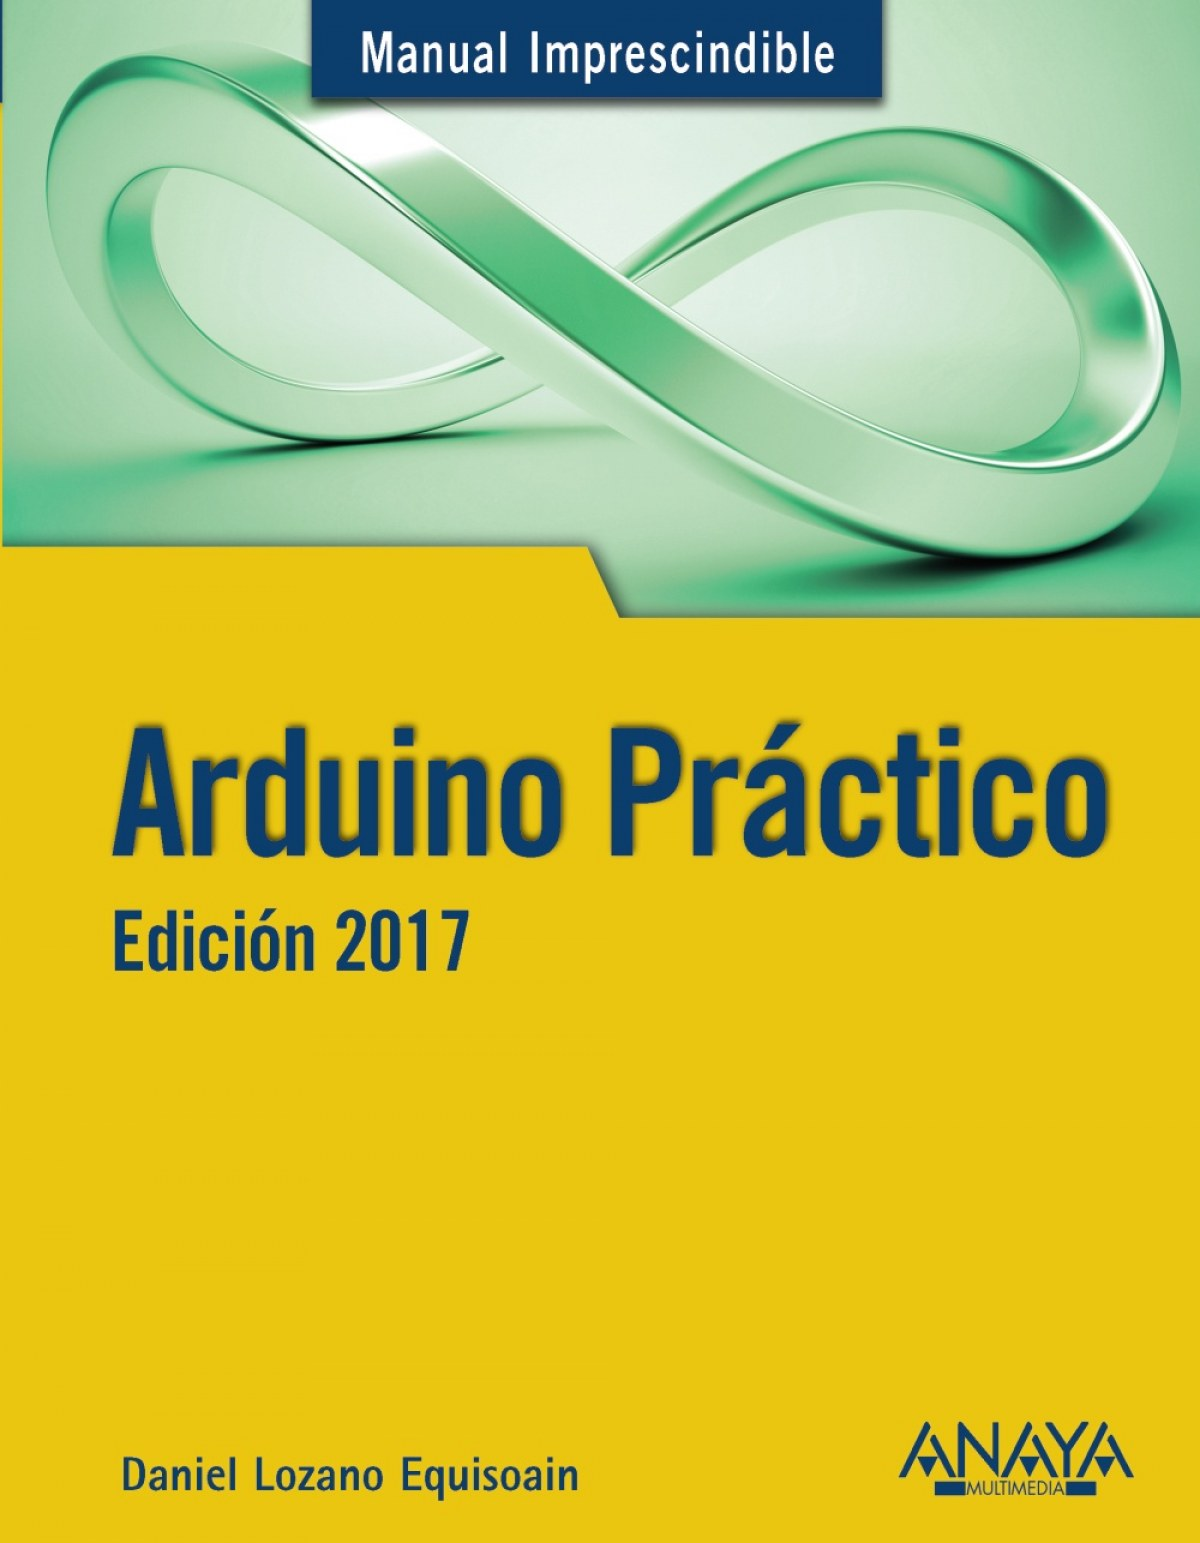 ARDUINO PRÁCTICO 2017